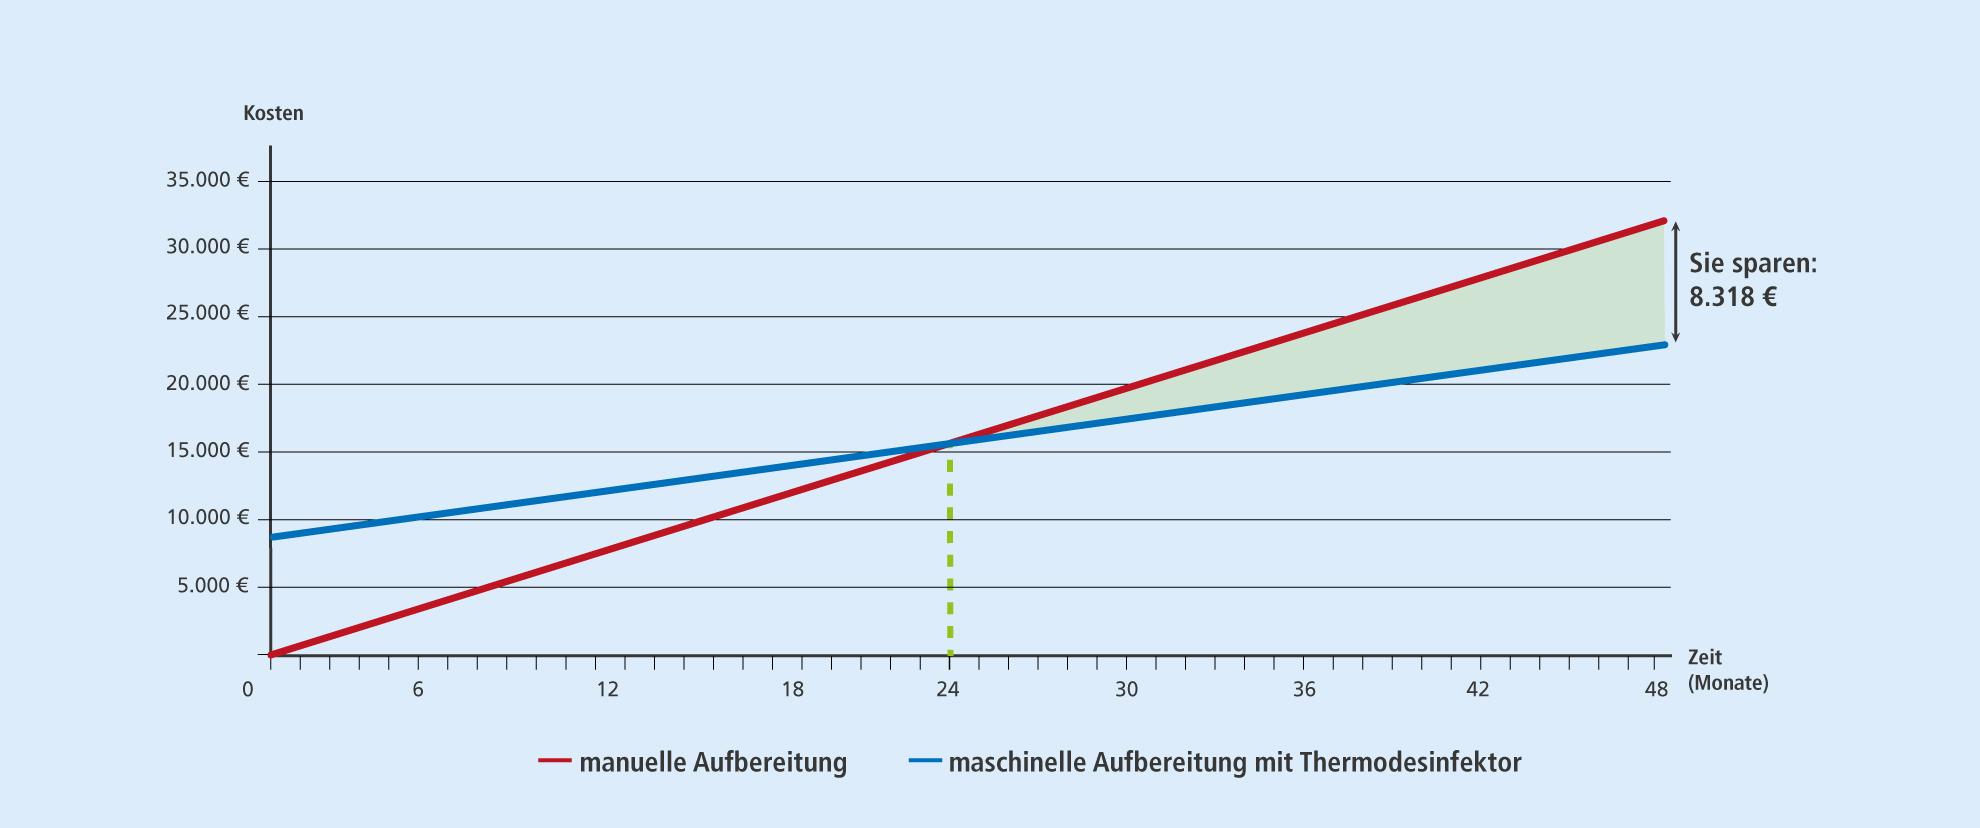 Amortisationsrechnung MELAtherm: Manuelle vs. maschinelle Instrumentenaufbereitung